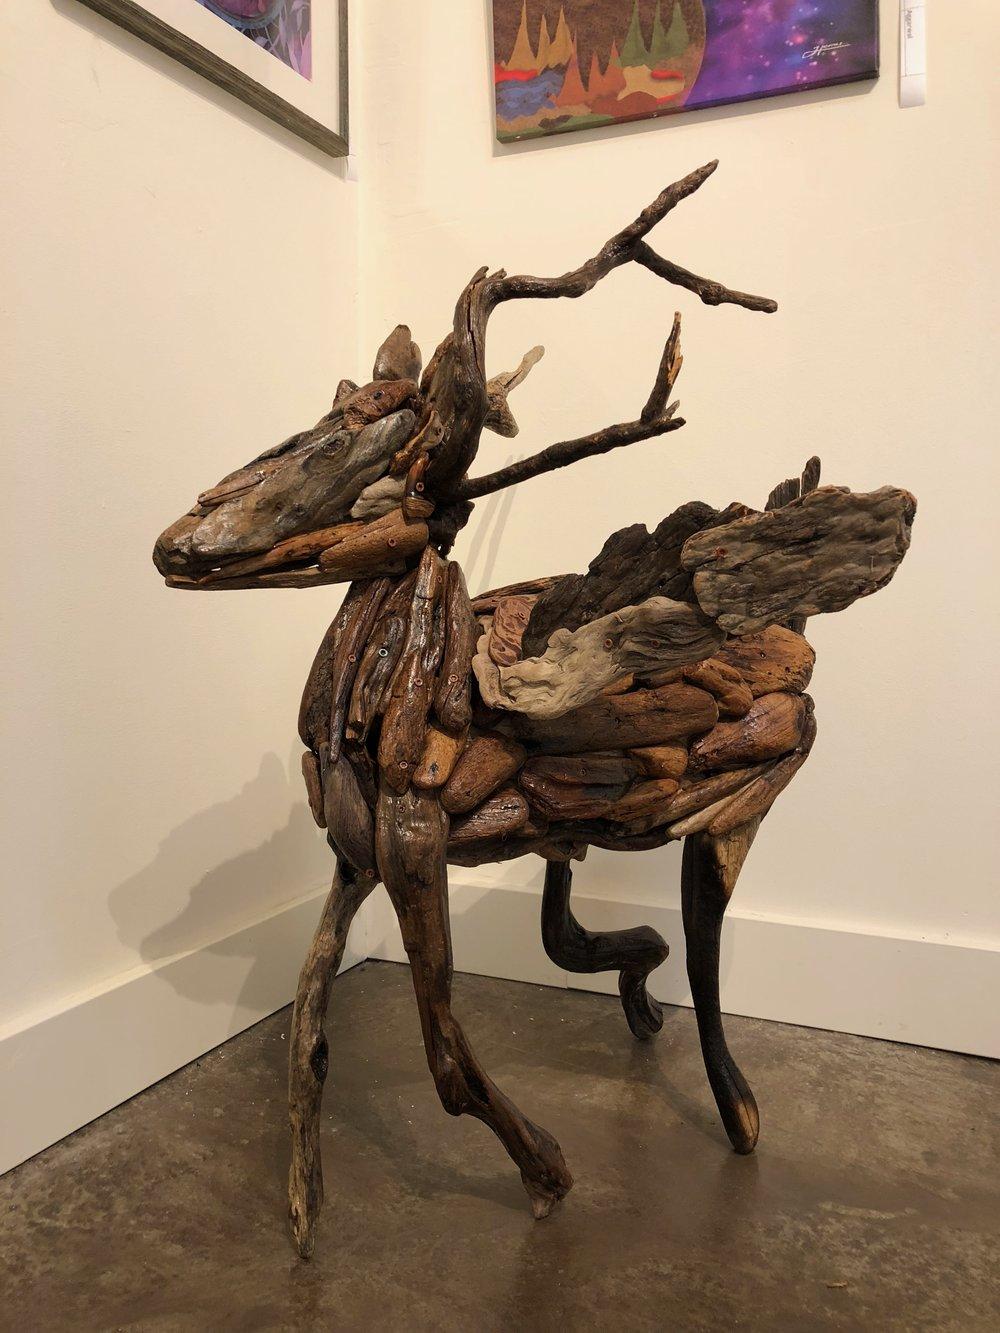 The flying Deer